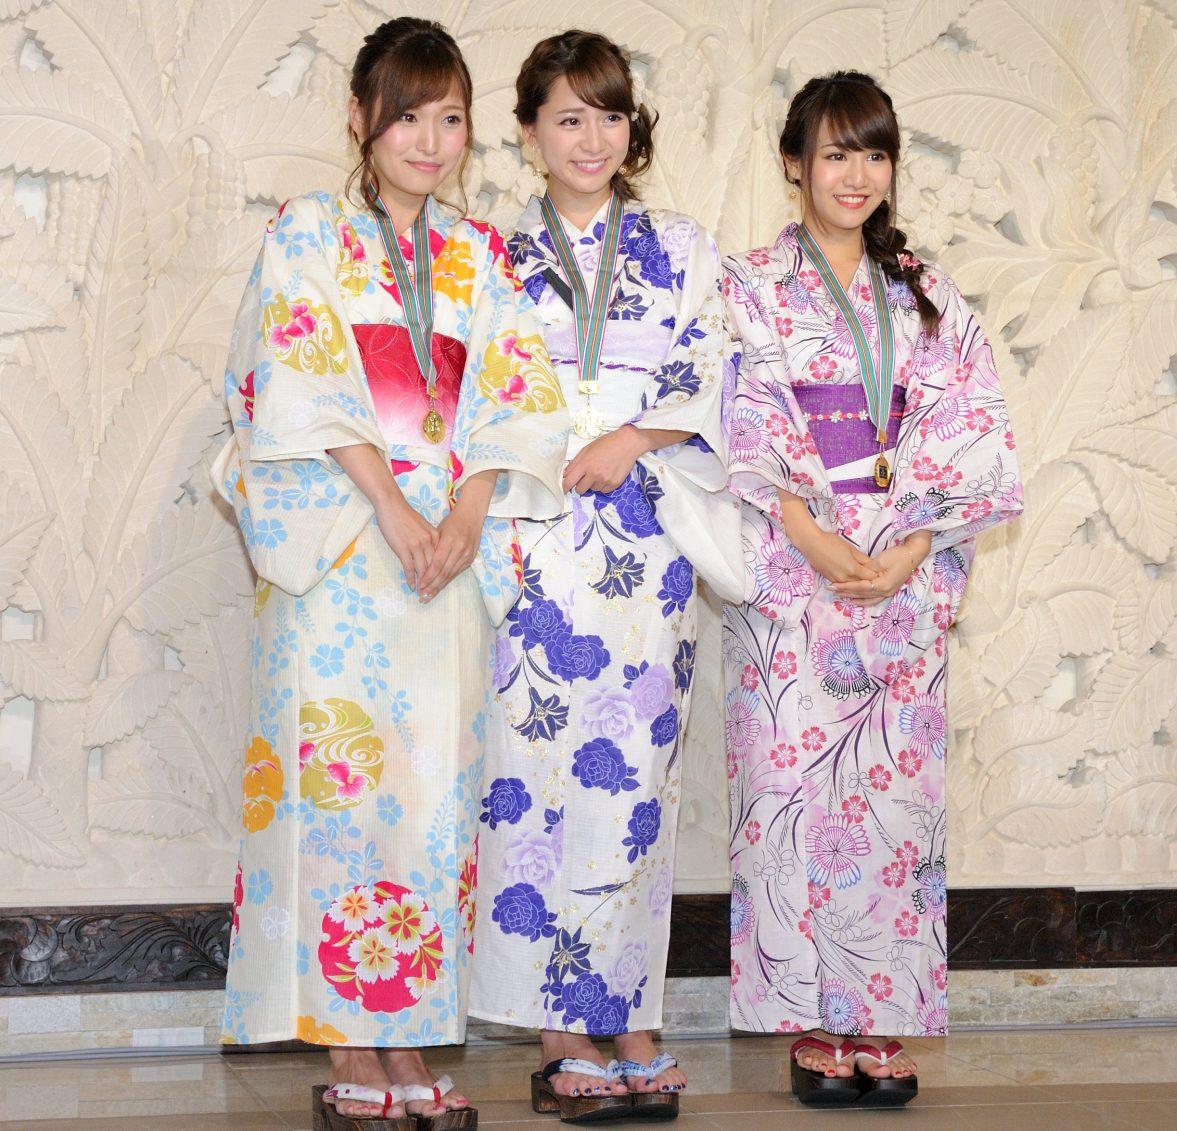 左からグランプリの引地裕美さん、準グランプリ・堀尾実咲さん、特別賞・山本愛実さん